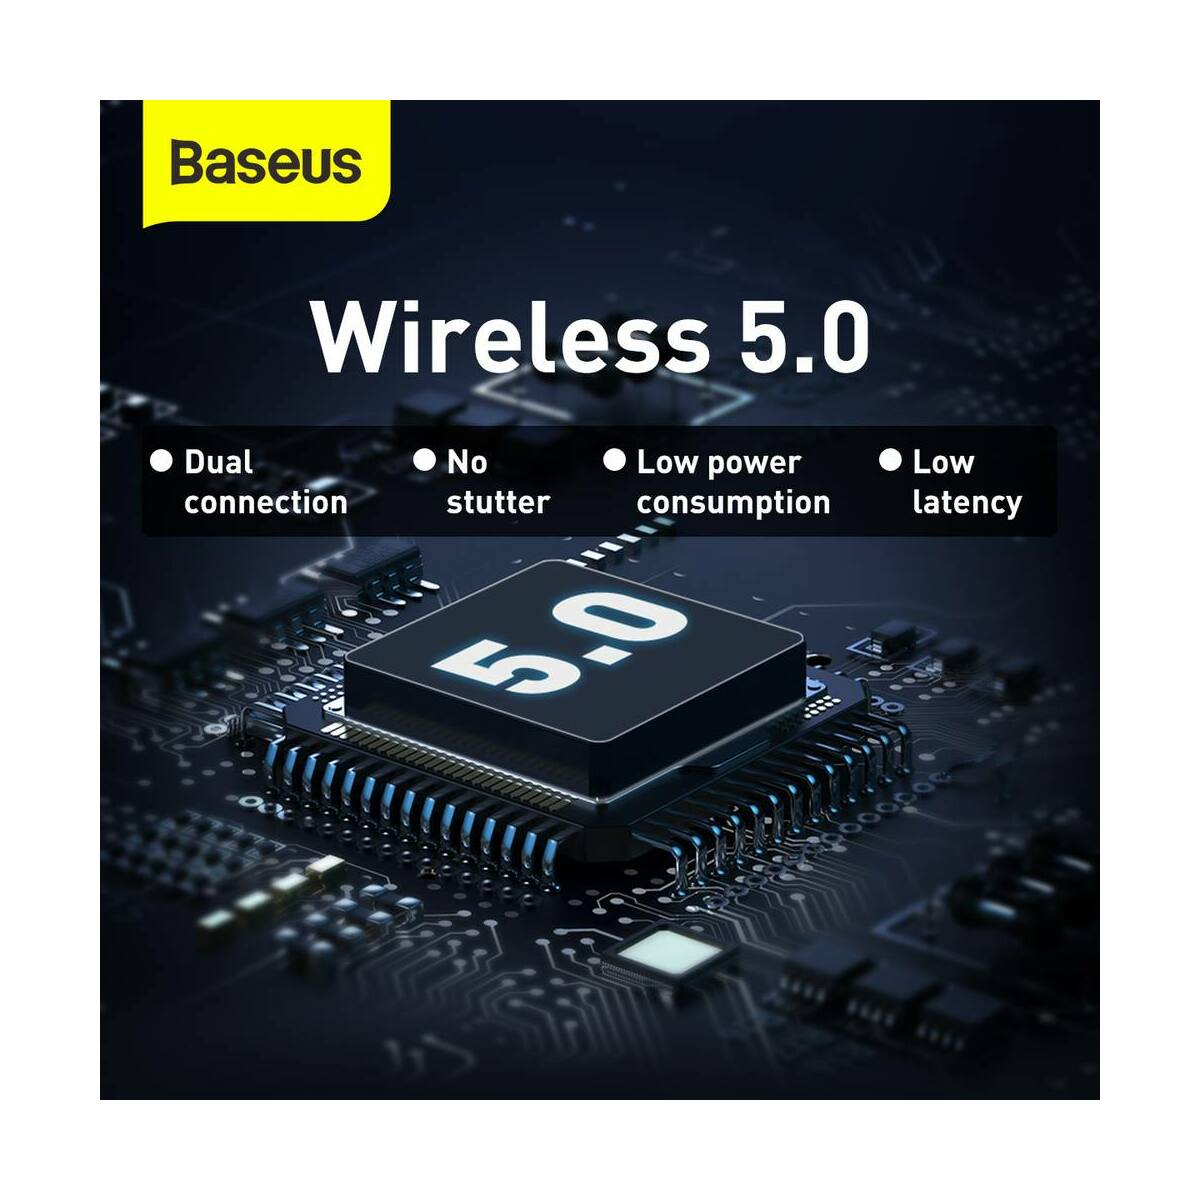 Baseus fülhallgató, Bluetooth Encok WM01 True Wireless, vezeték nélküli, BT 5.0, fekete (NGWM01-01)